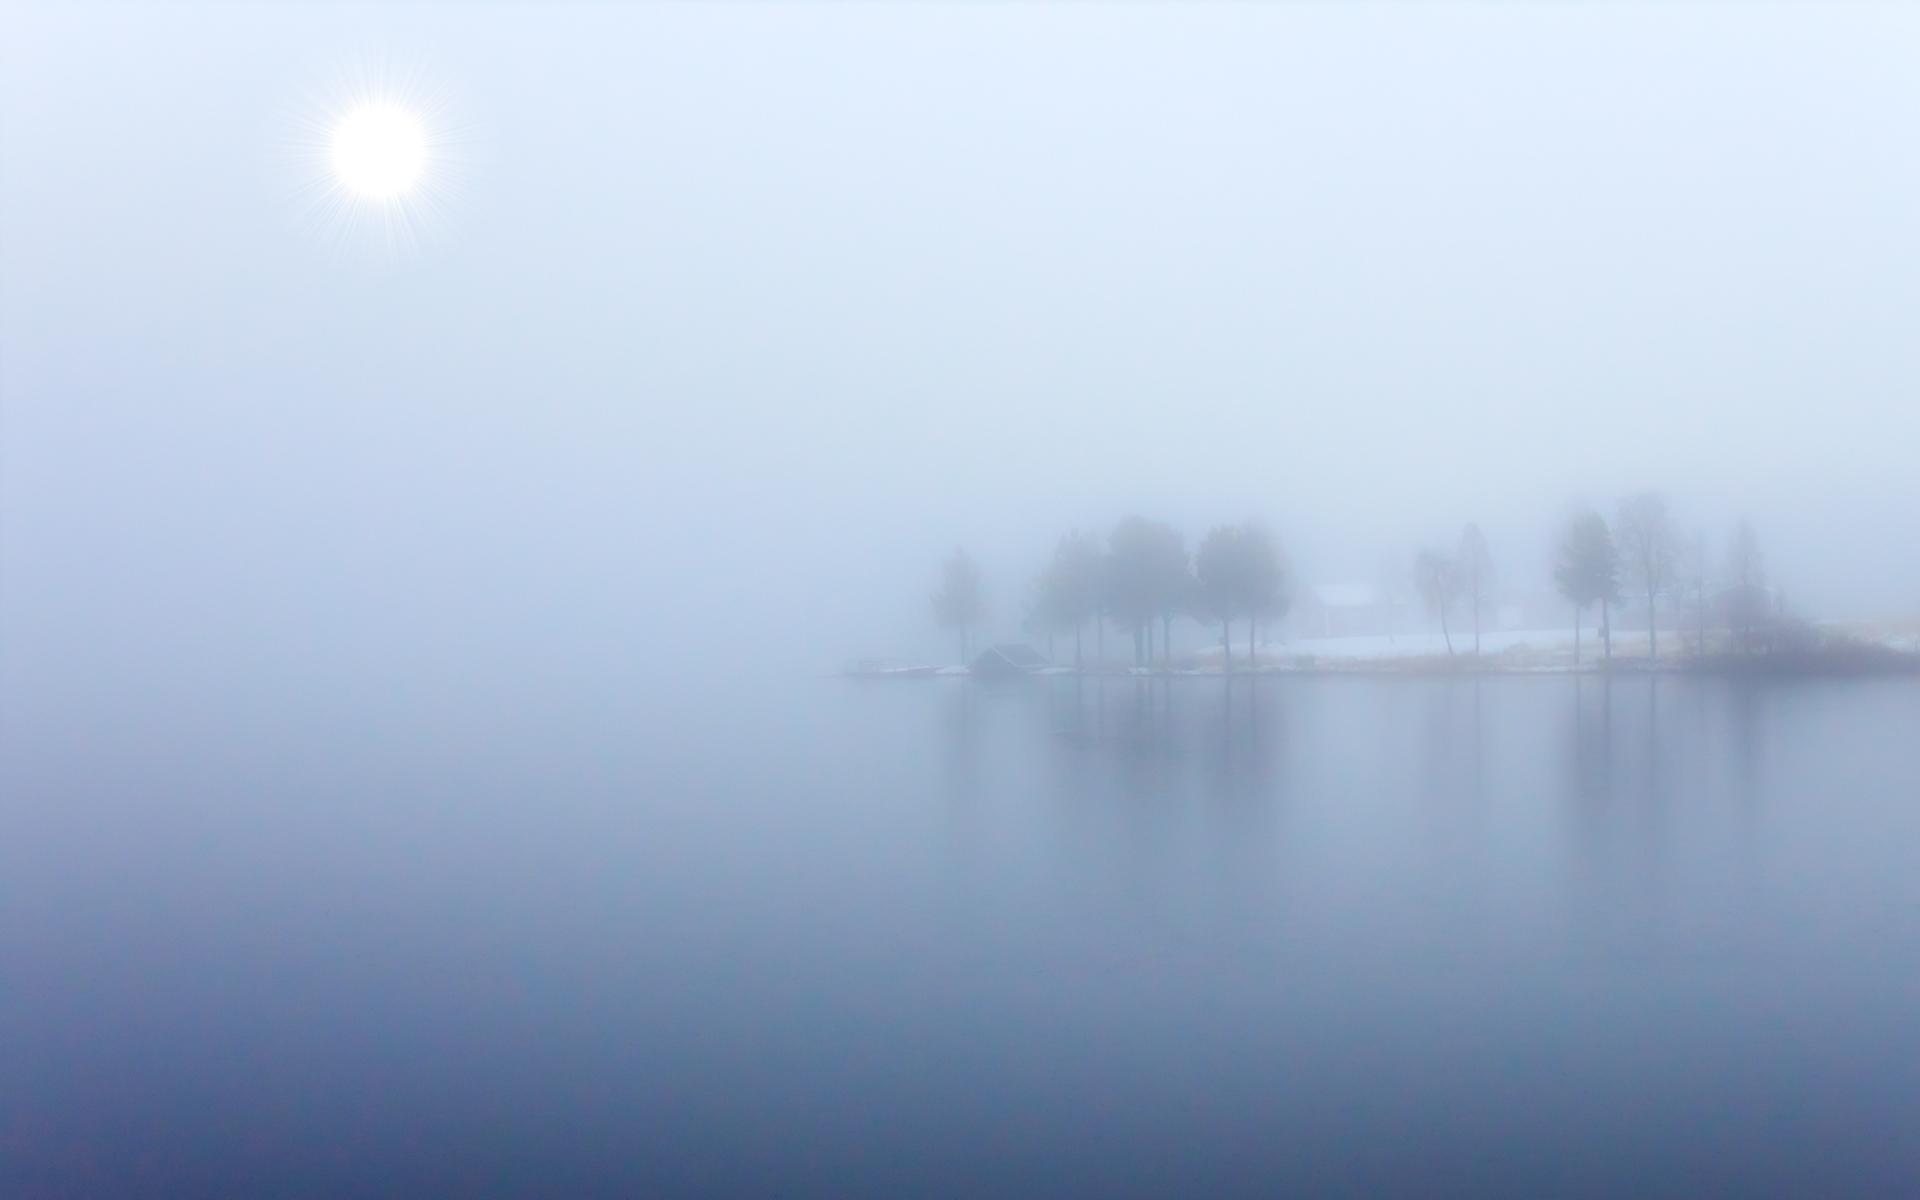 Cool Lake Mist Wallpaper 33768 1920x1200 px